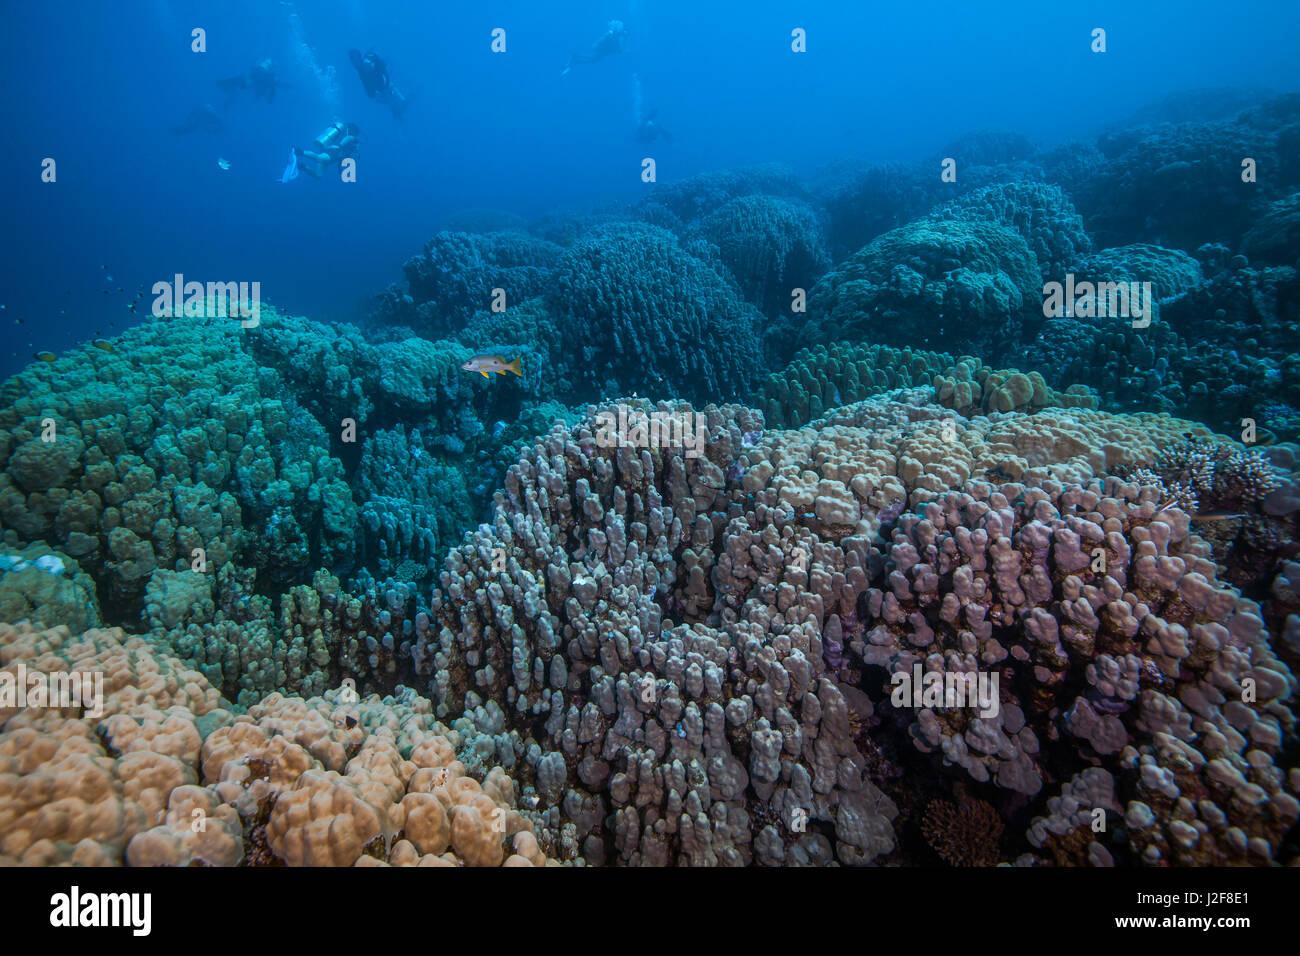 Subacquei esplorare immacolate colorate barriere coralline del Mar Rosso che si estende oltre l'occhio può Immagini Stock